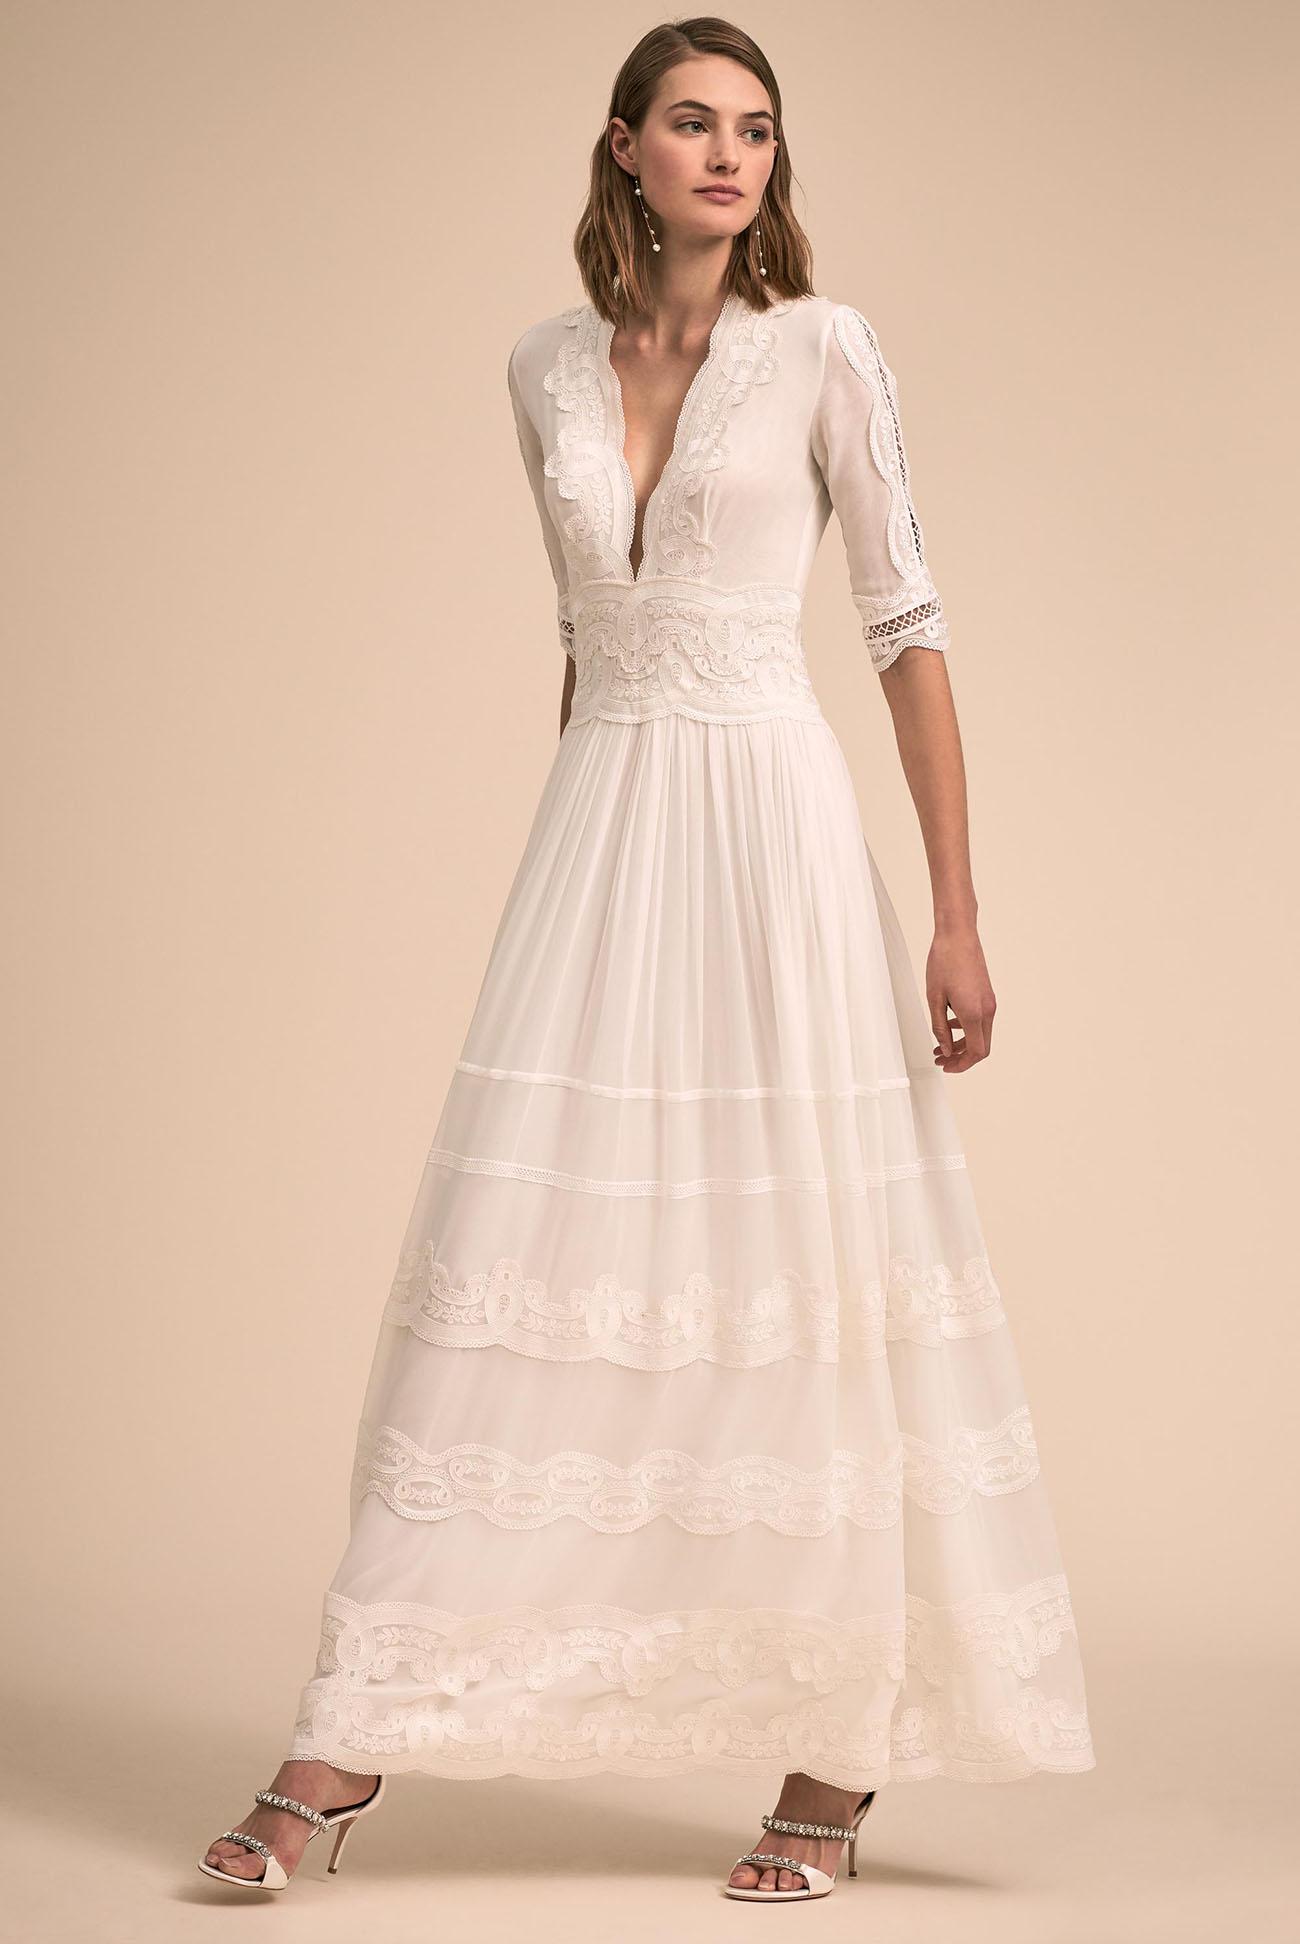 Designer Wedding Gowns For Beach Weddings Dacc